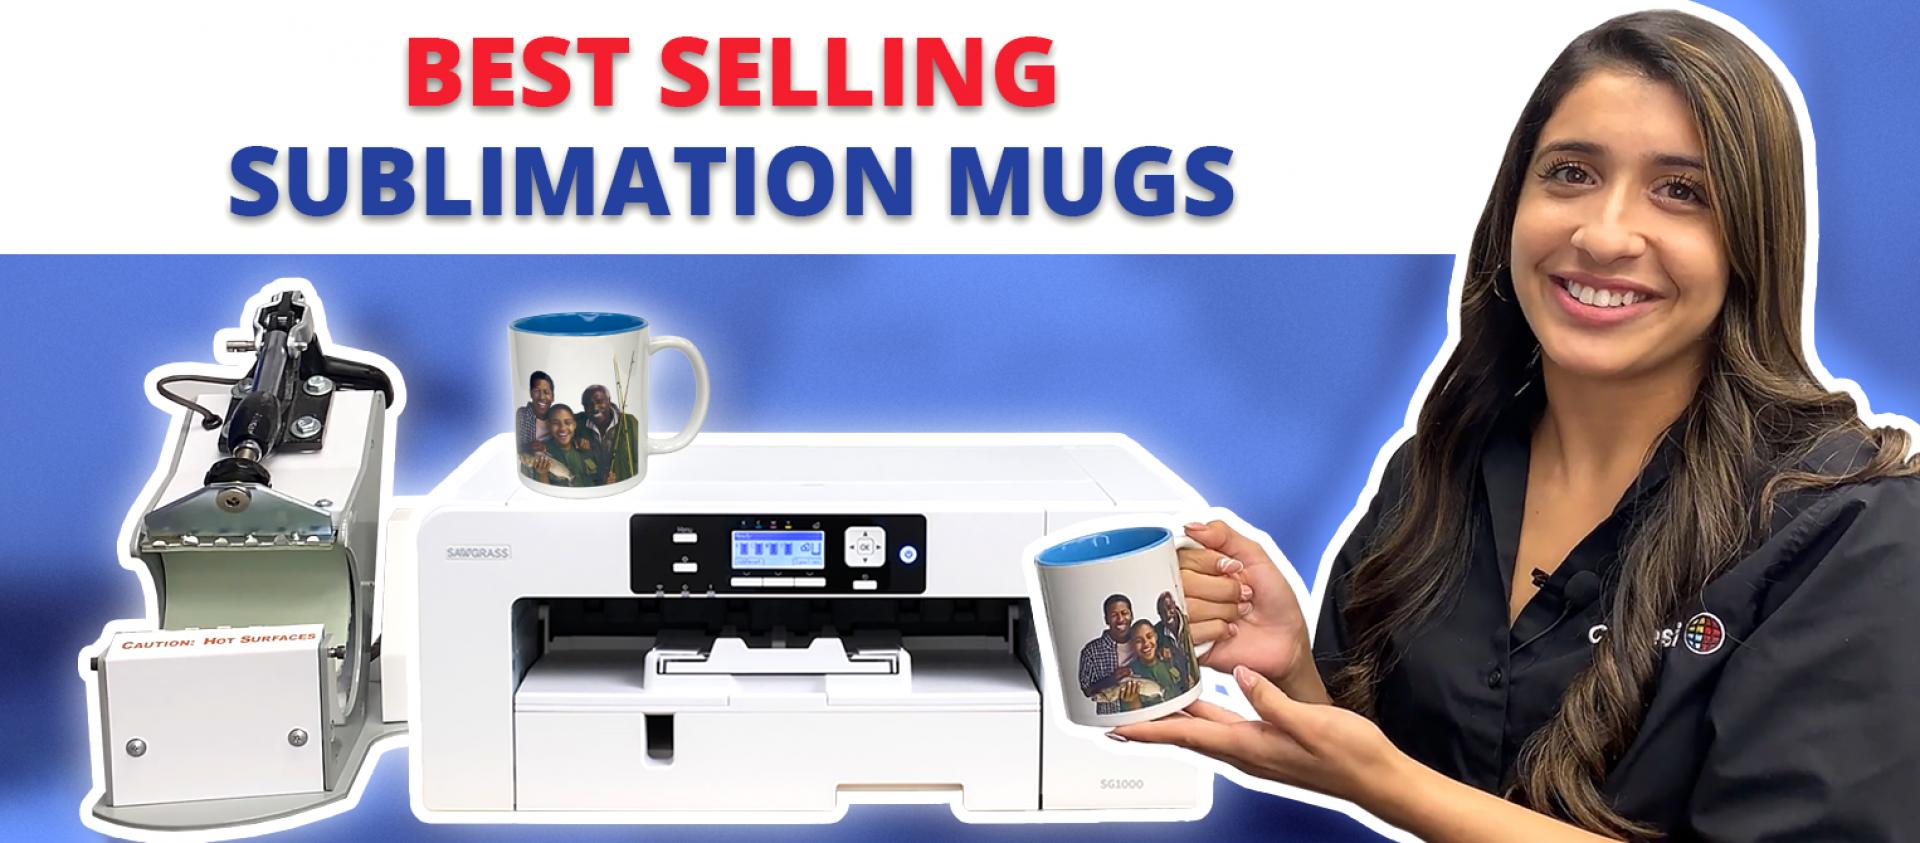 Best-Selling-Mugs.jpg